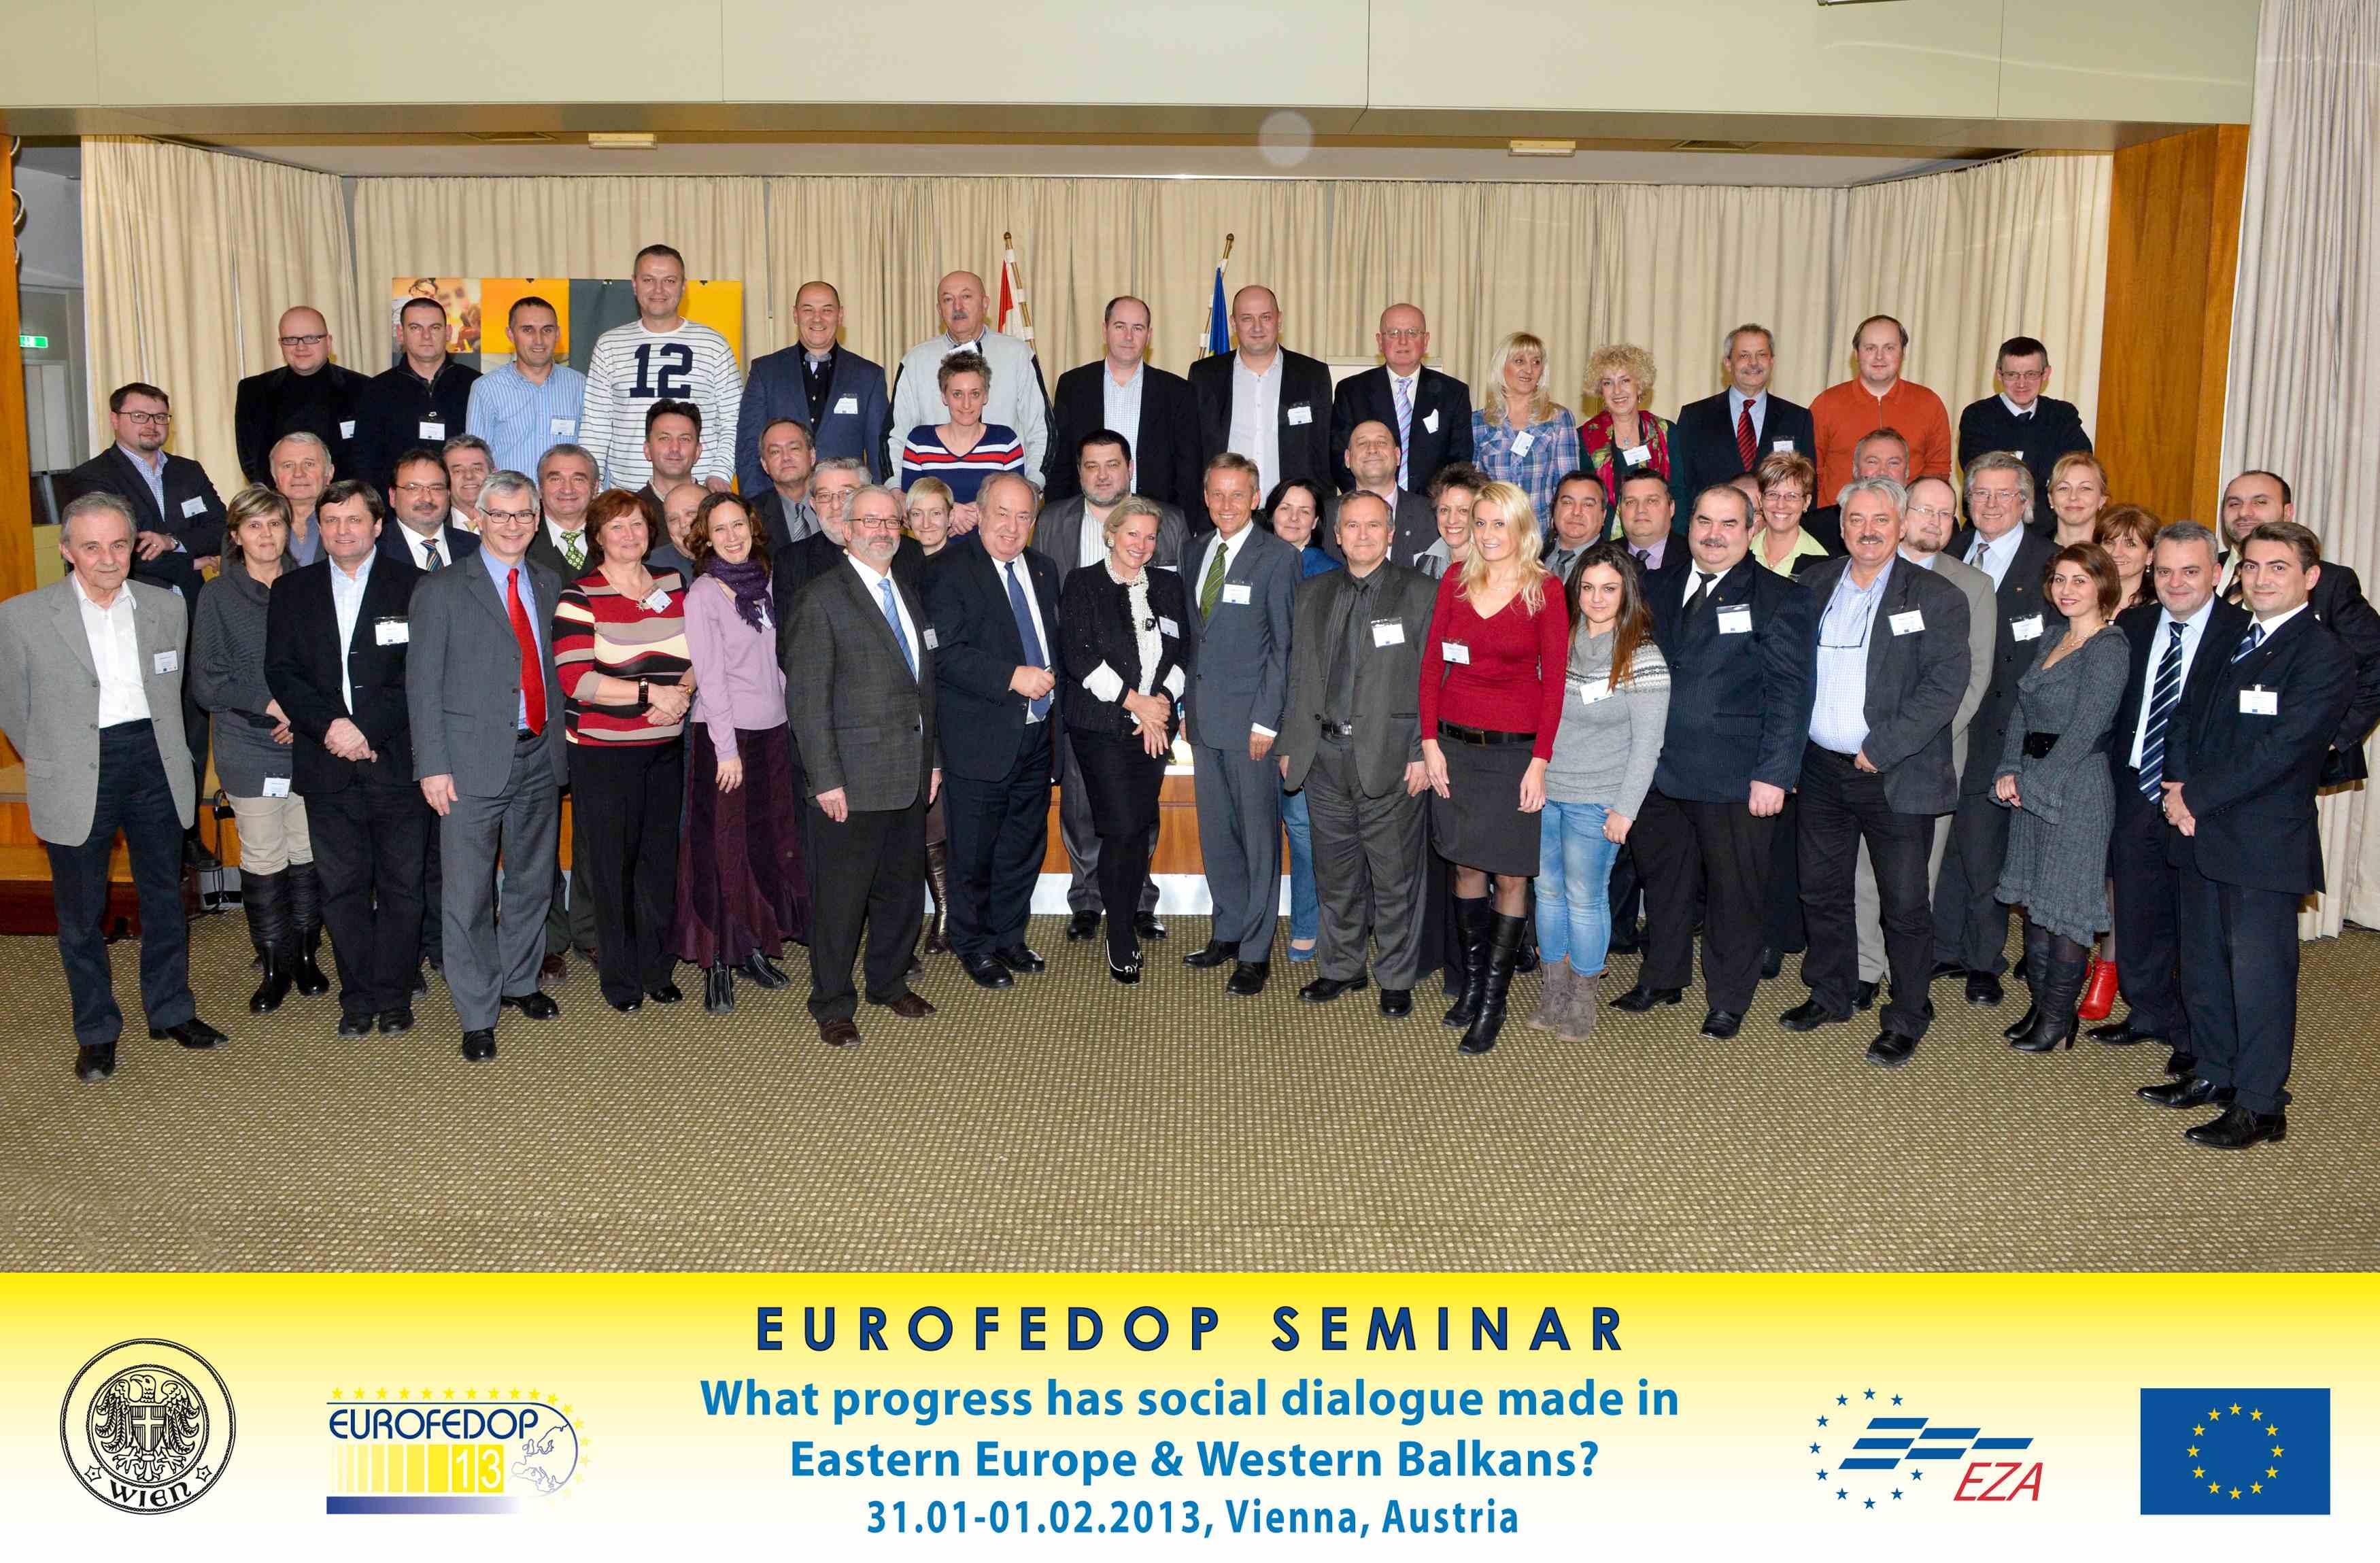 (c) BMEIA, STS Lopatka beim Seminar der EUROFEDOP Seminar mit allen Teilnehmern und Redner